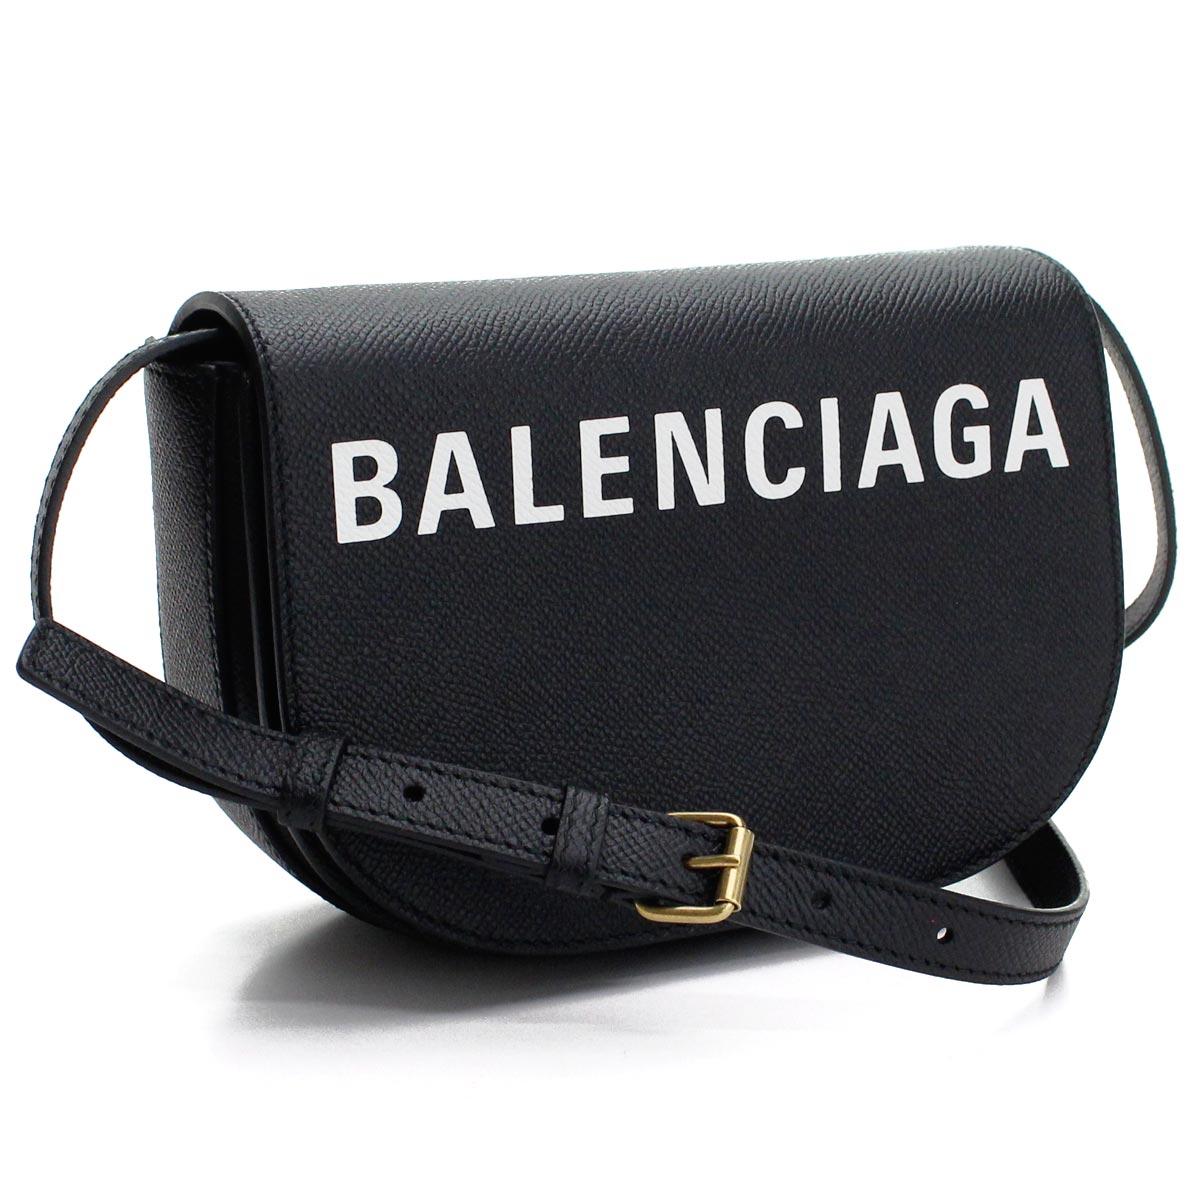 バレンシアガ BALENCIAGA VILLE ヴィル デイバッグ XS 斜め掛け ショルダーバッグ 550639 0OTNM 1090 ブラック レディース